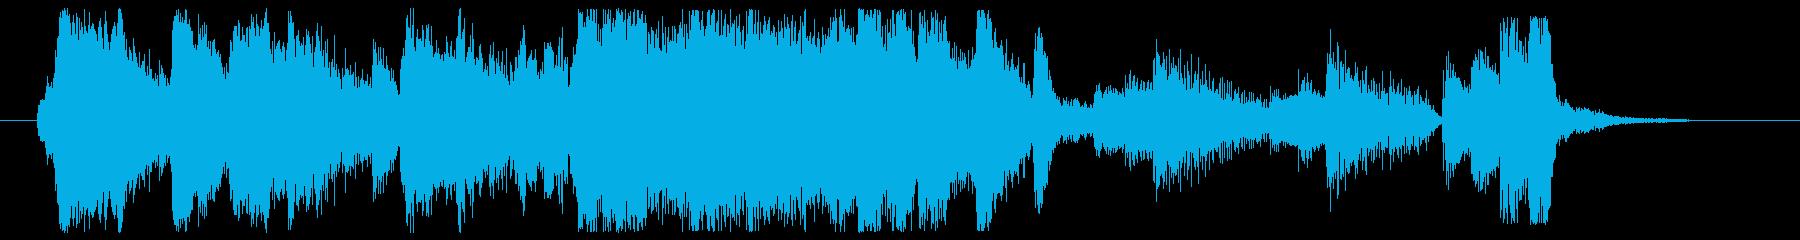 【CM】ゆったりまどろみ、ゆっくり入浴の再生済みの波形